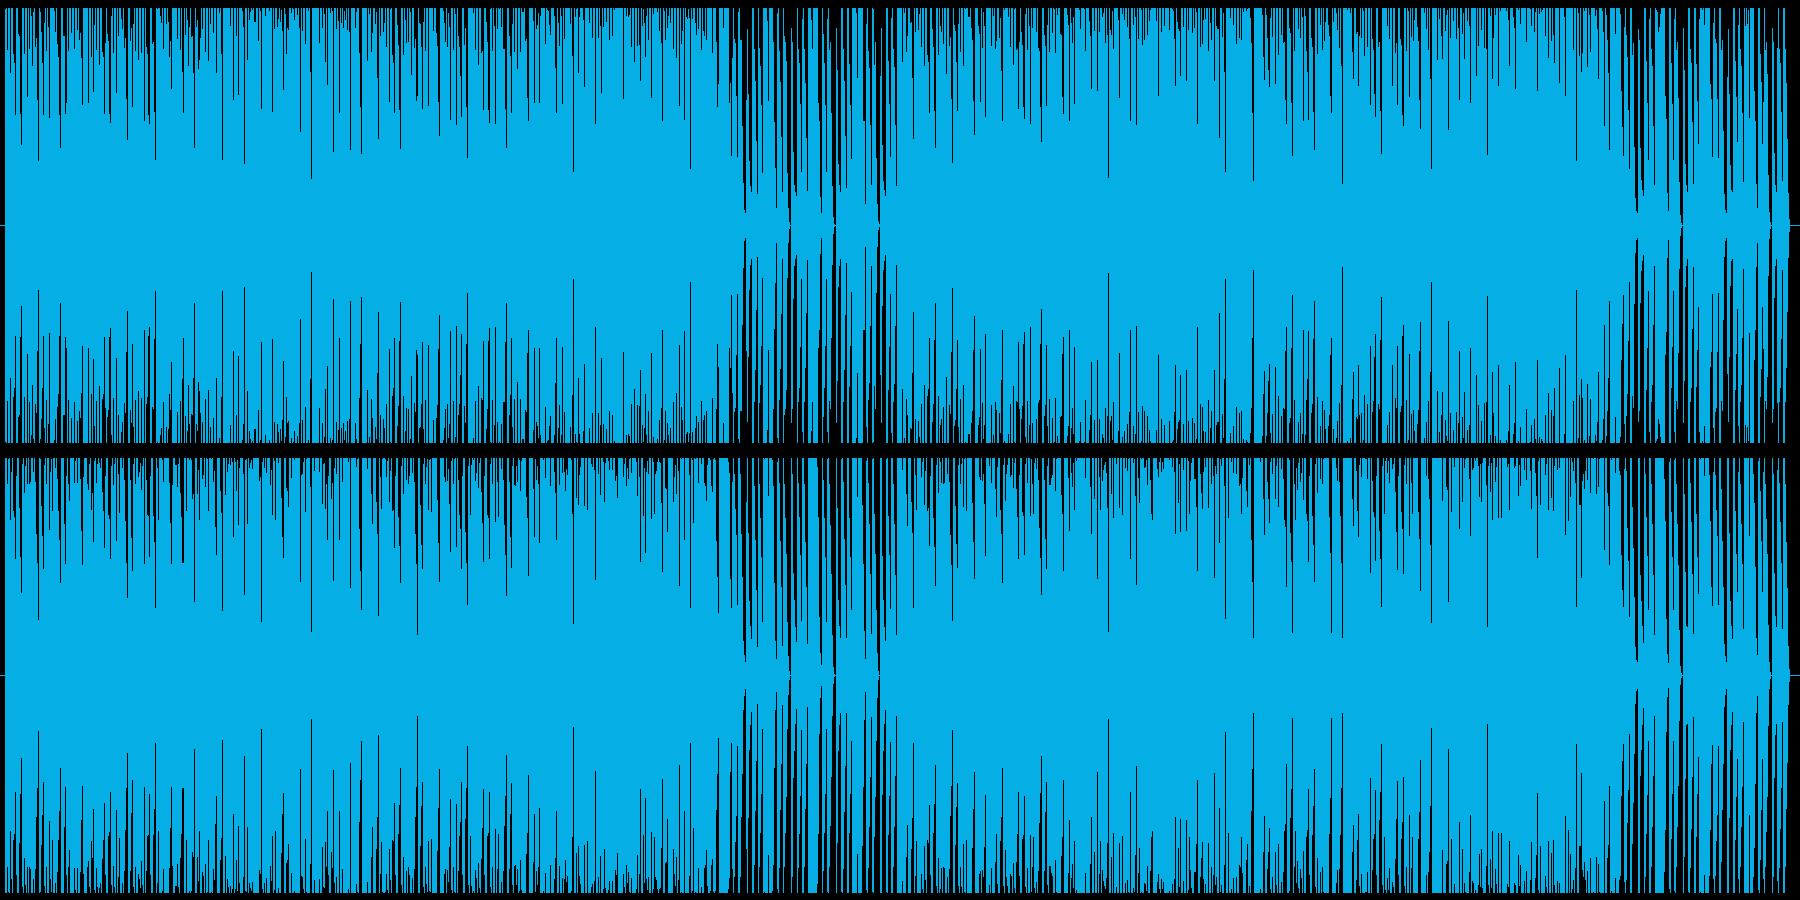 戦闘シーンをイメージした曲.02の再生済みの波形